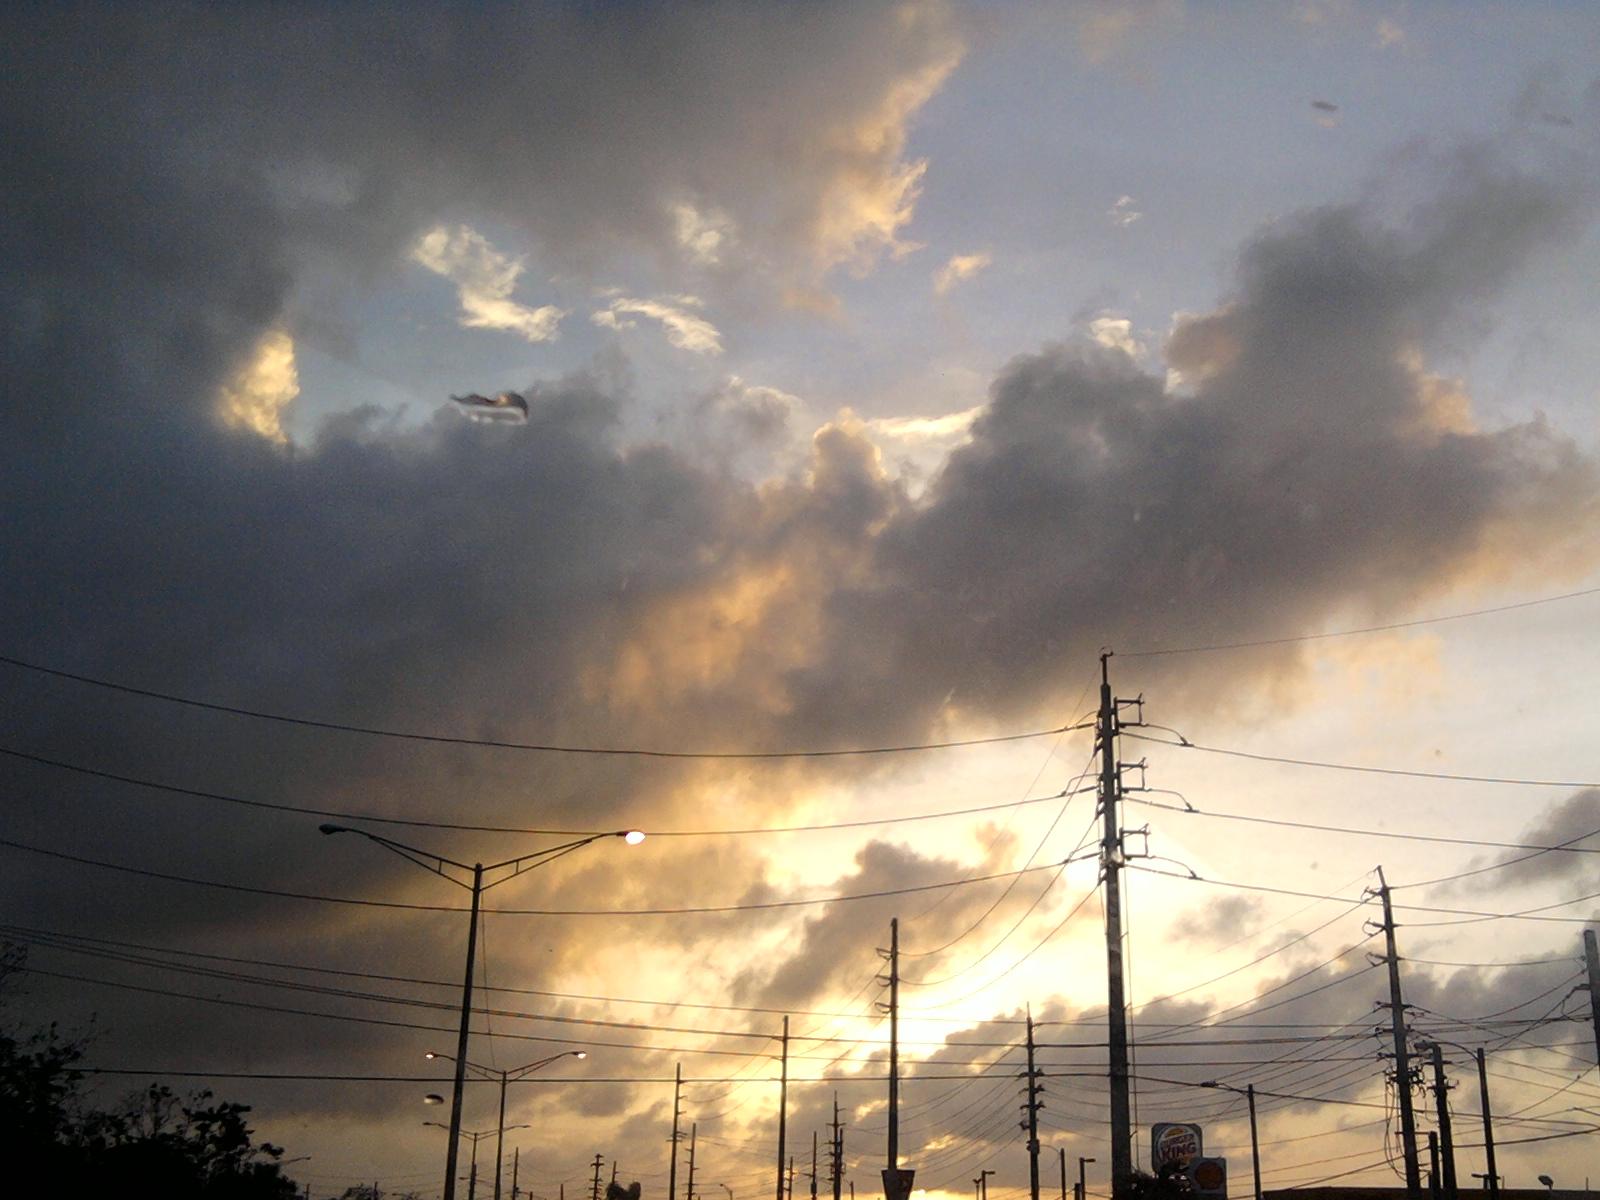 2012 : 05/01 Photo decouverte sur un forum de discussion (suite) - Page 3 Mtxd38